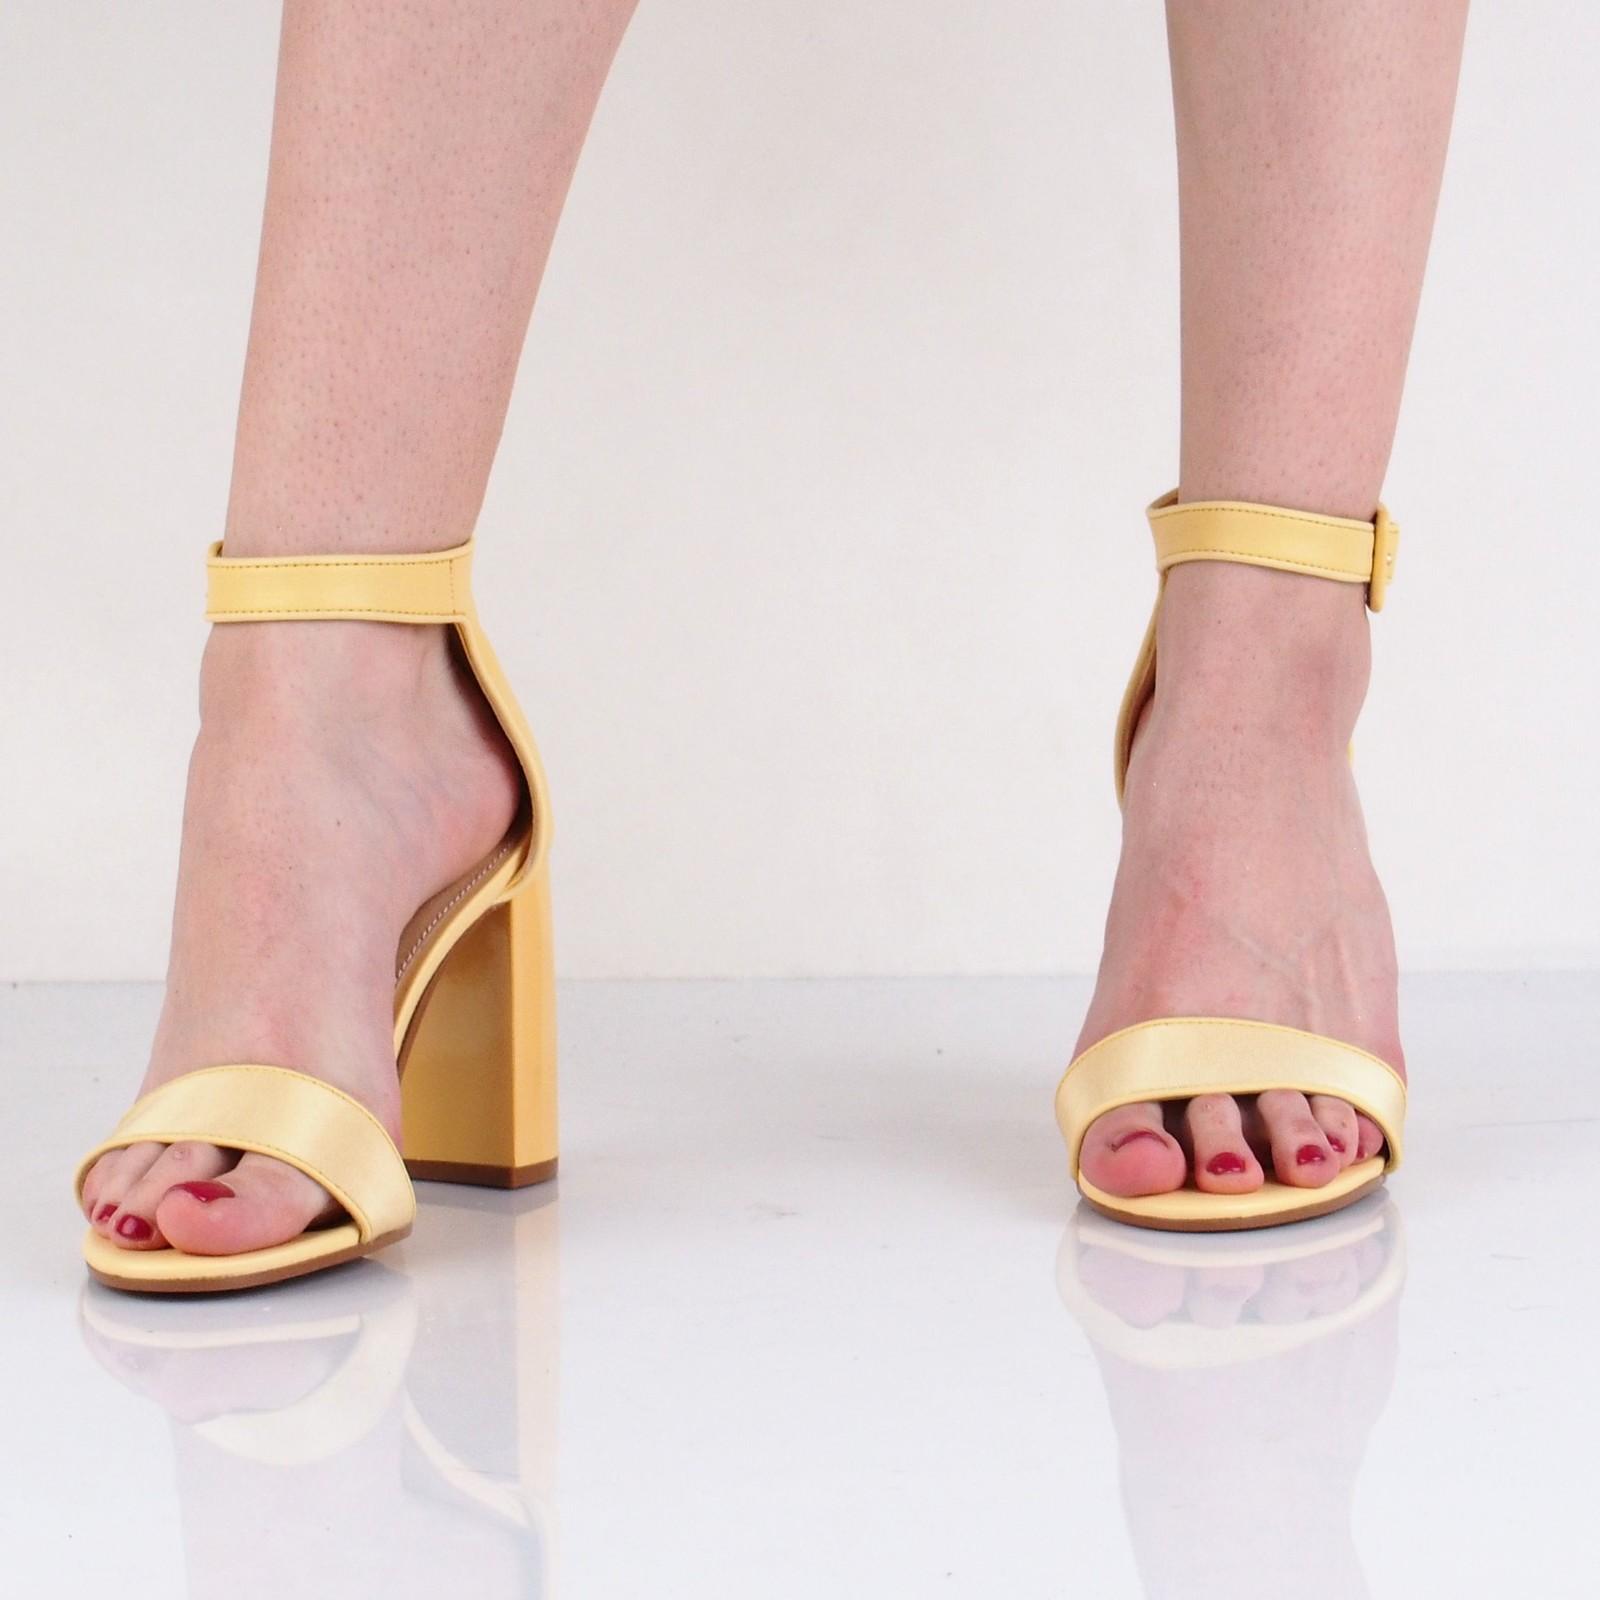 Tommy Hilfiger dámské stylové sandály na vysokém podpatku - žluté